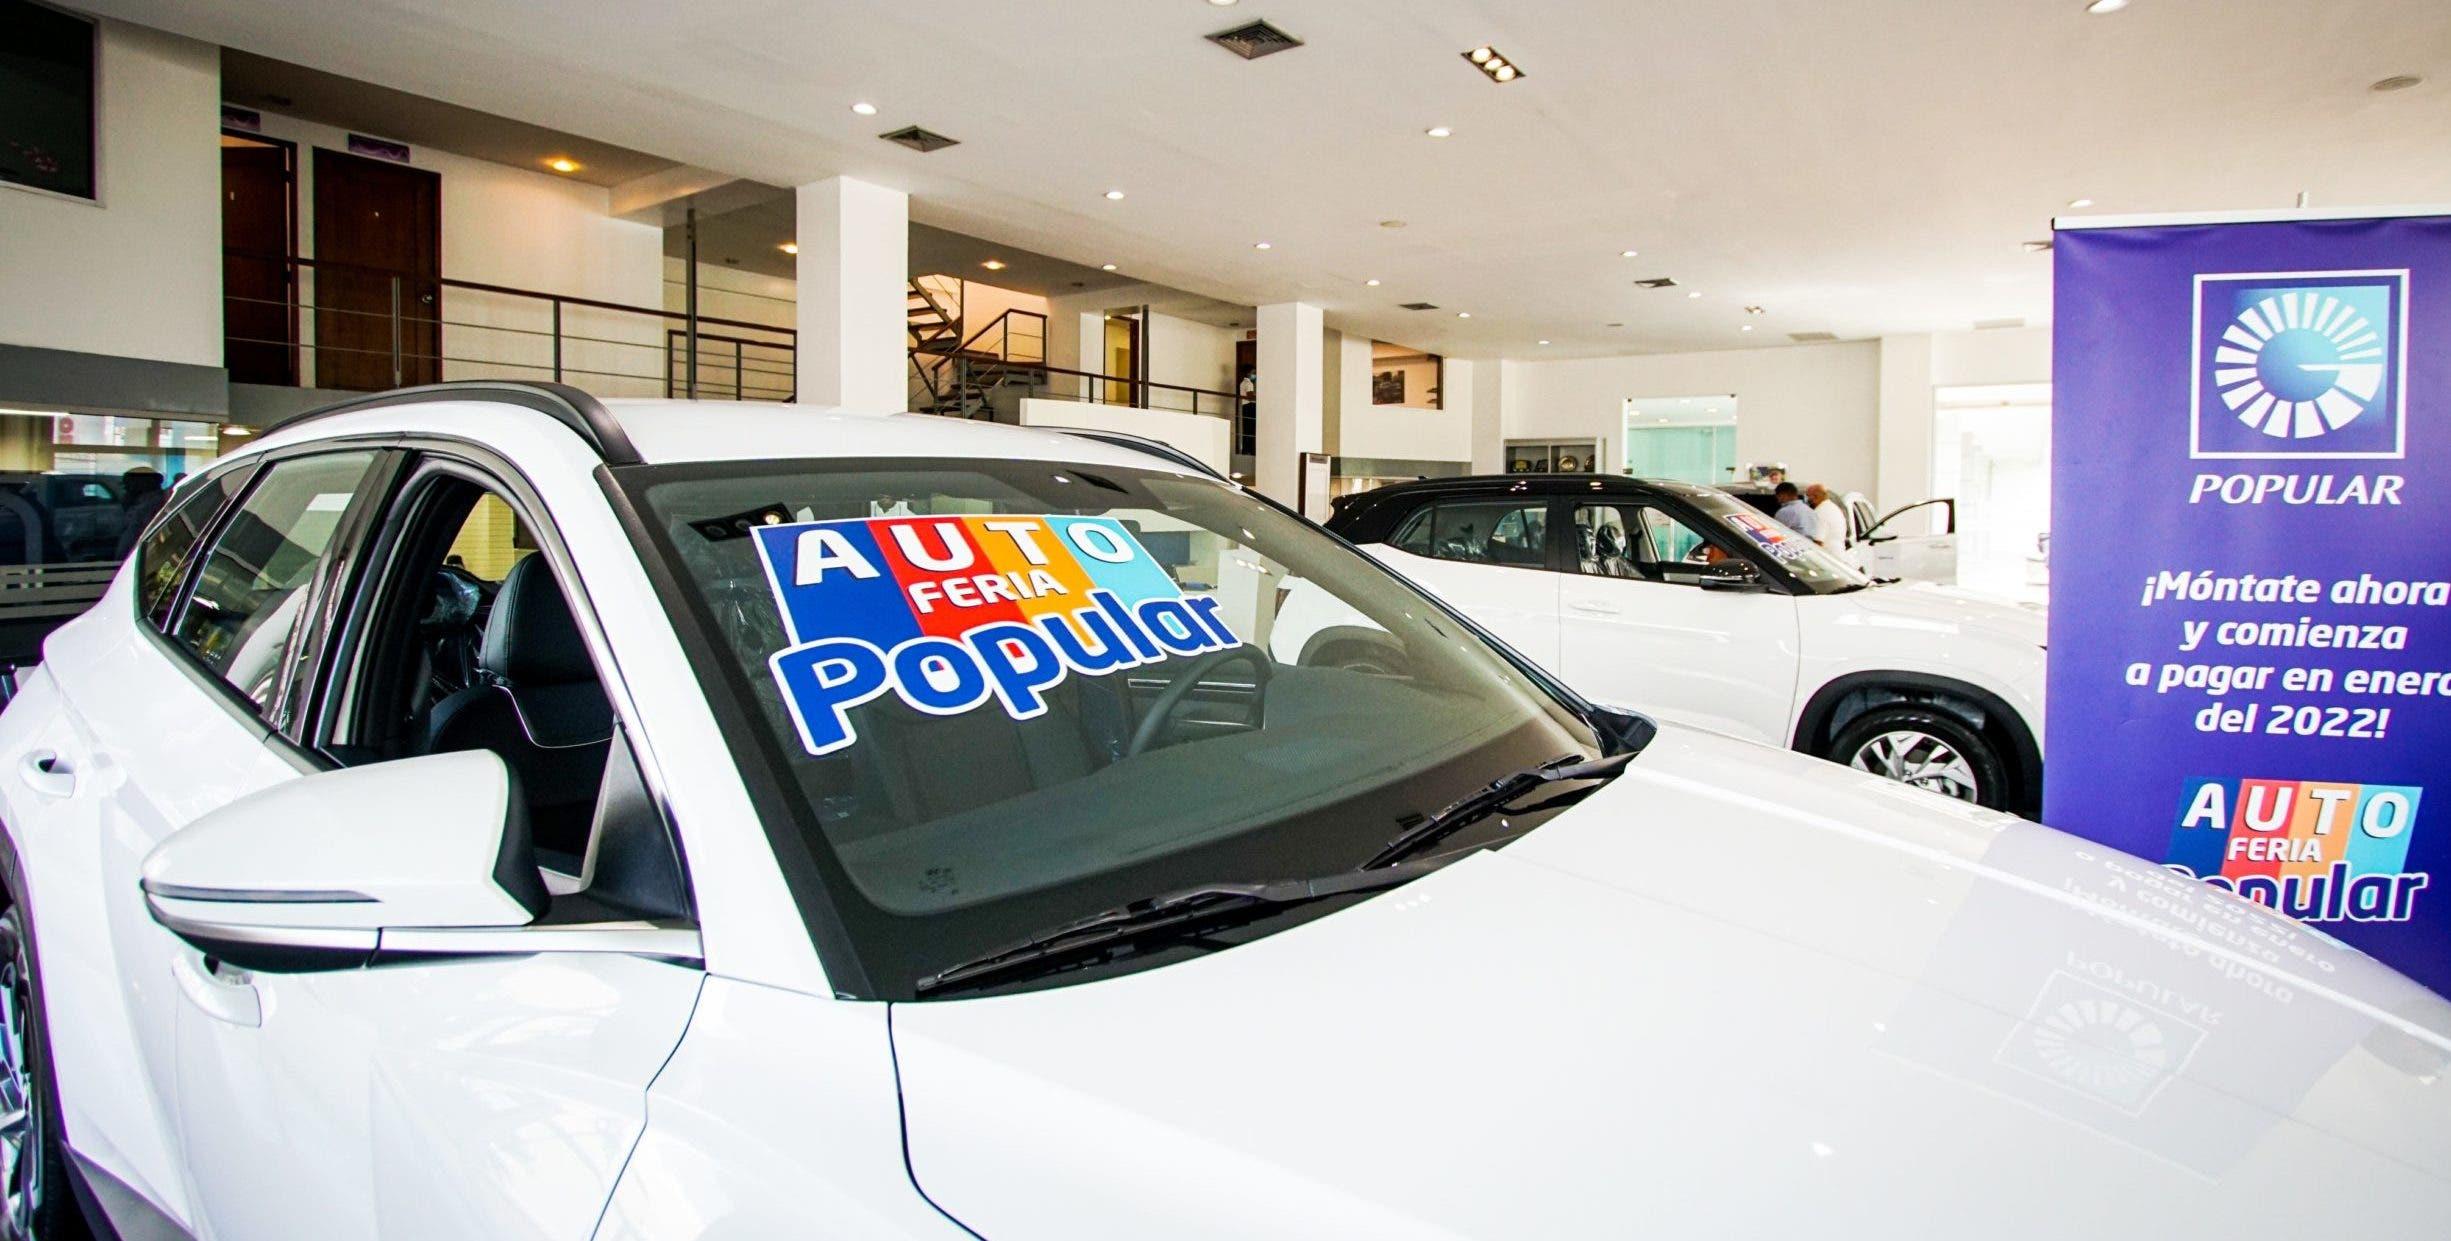 Autoferia Popular inicia su temporada preferia